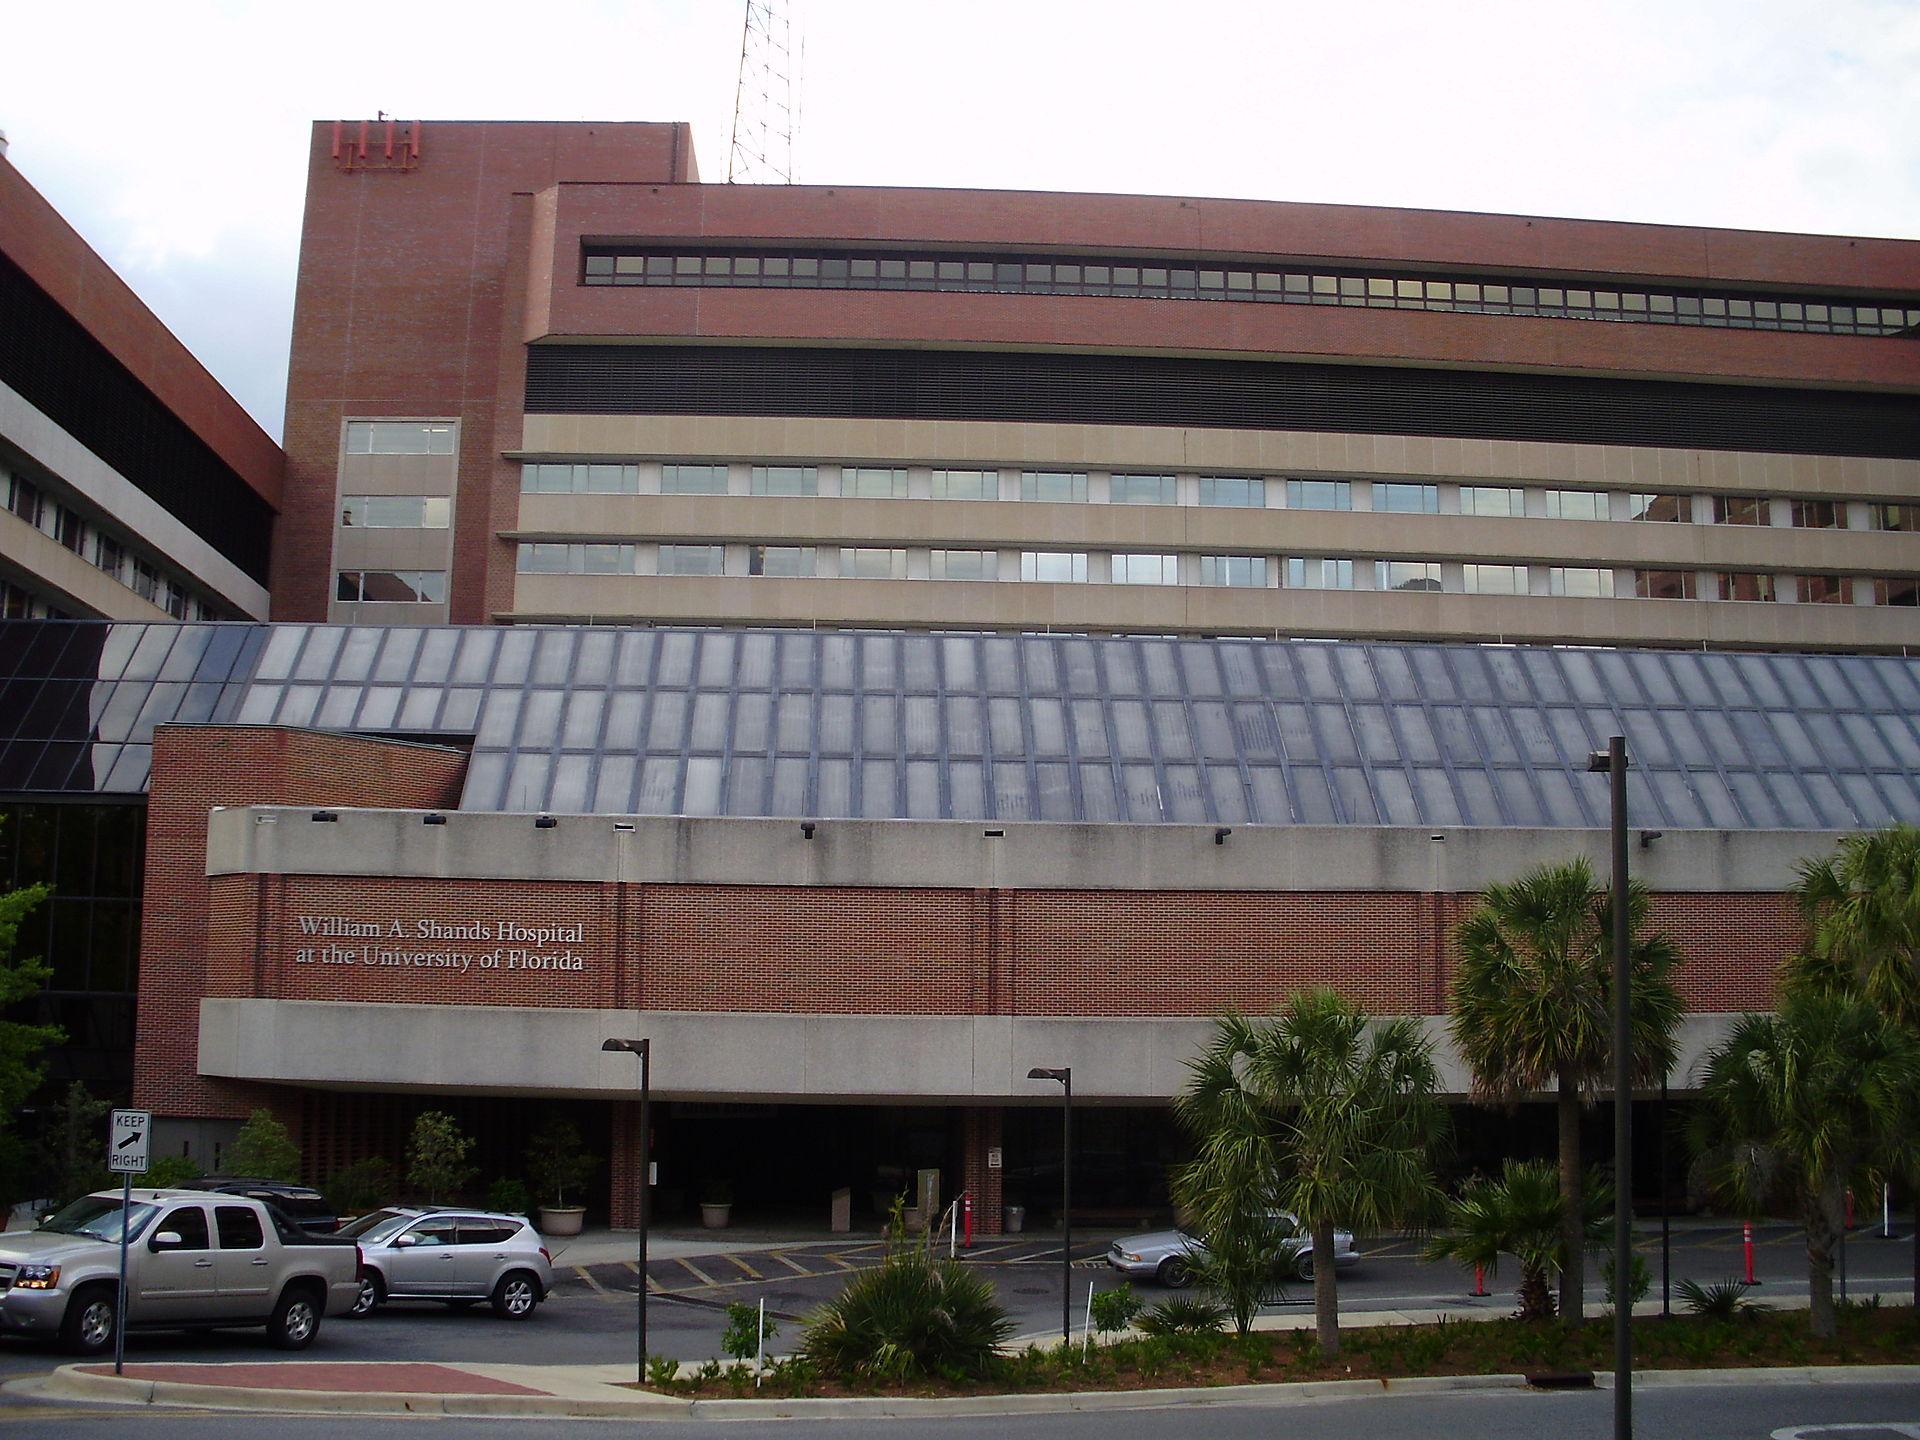 Uf Health Jacksonville Pharmacy Residency Letter Of Recommendation